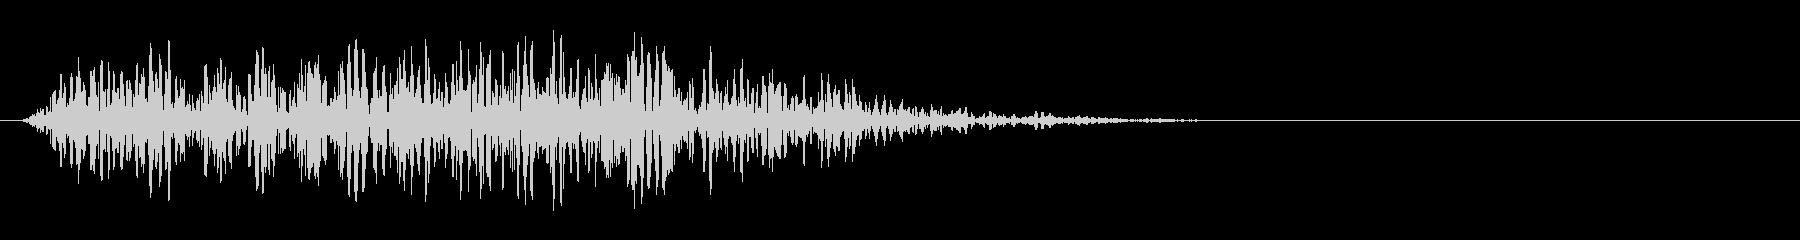 動く音 1(石)の未再生の波形